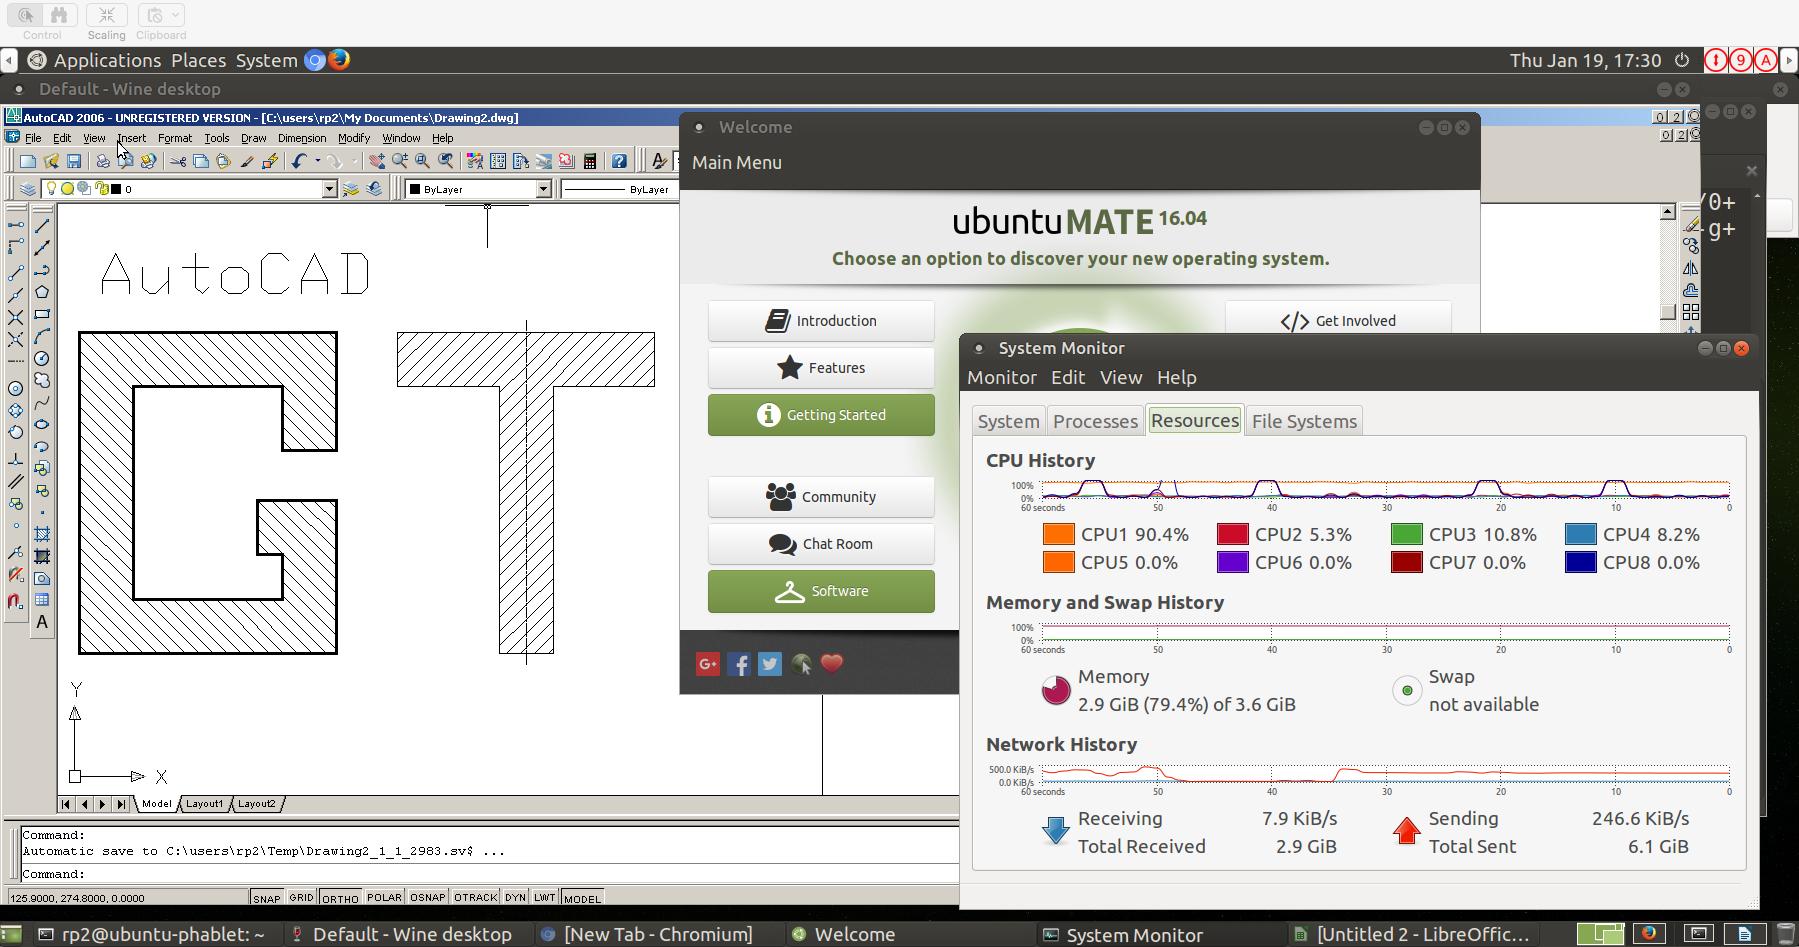 Использование смартфона Meizu Pro 5 Ubuntu Edition не по назначению - 1